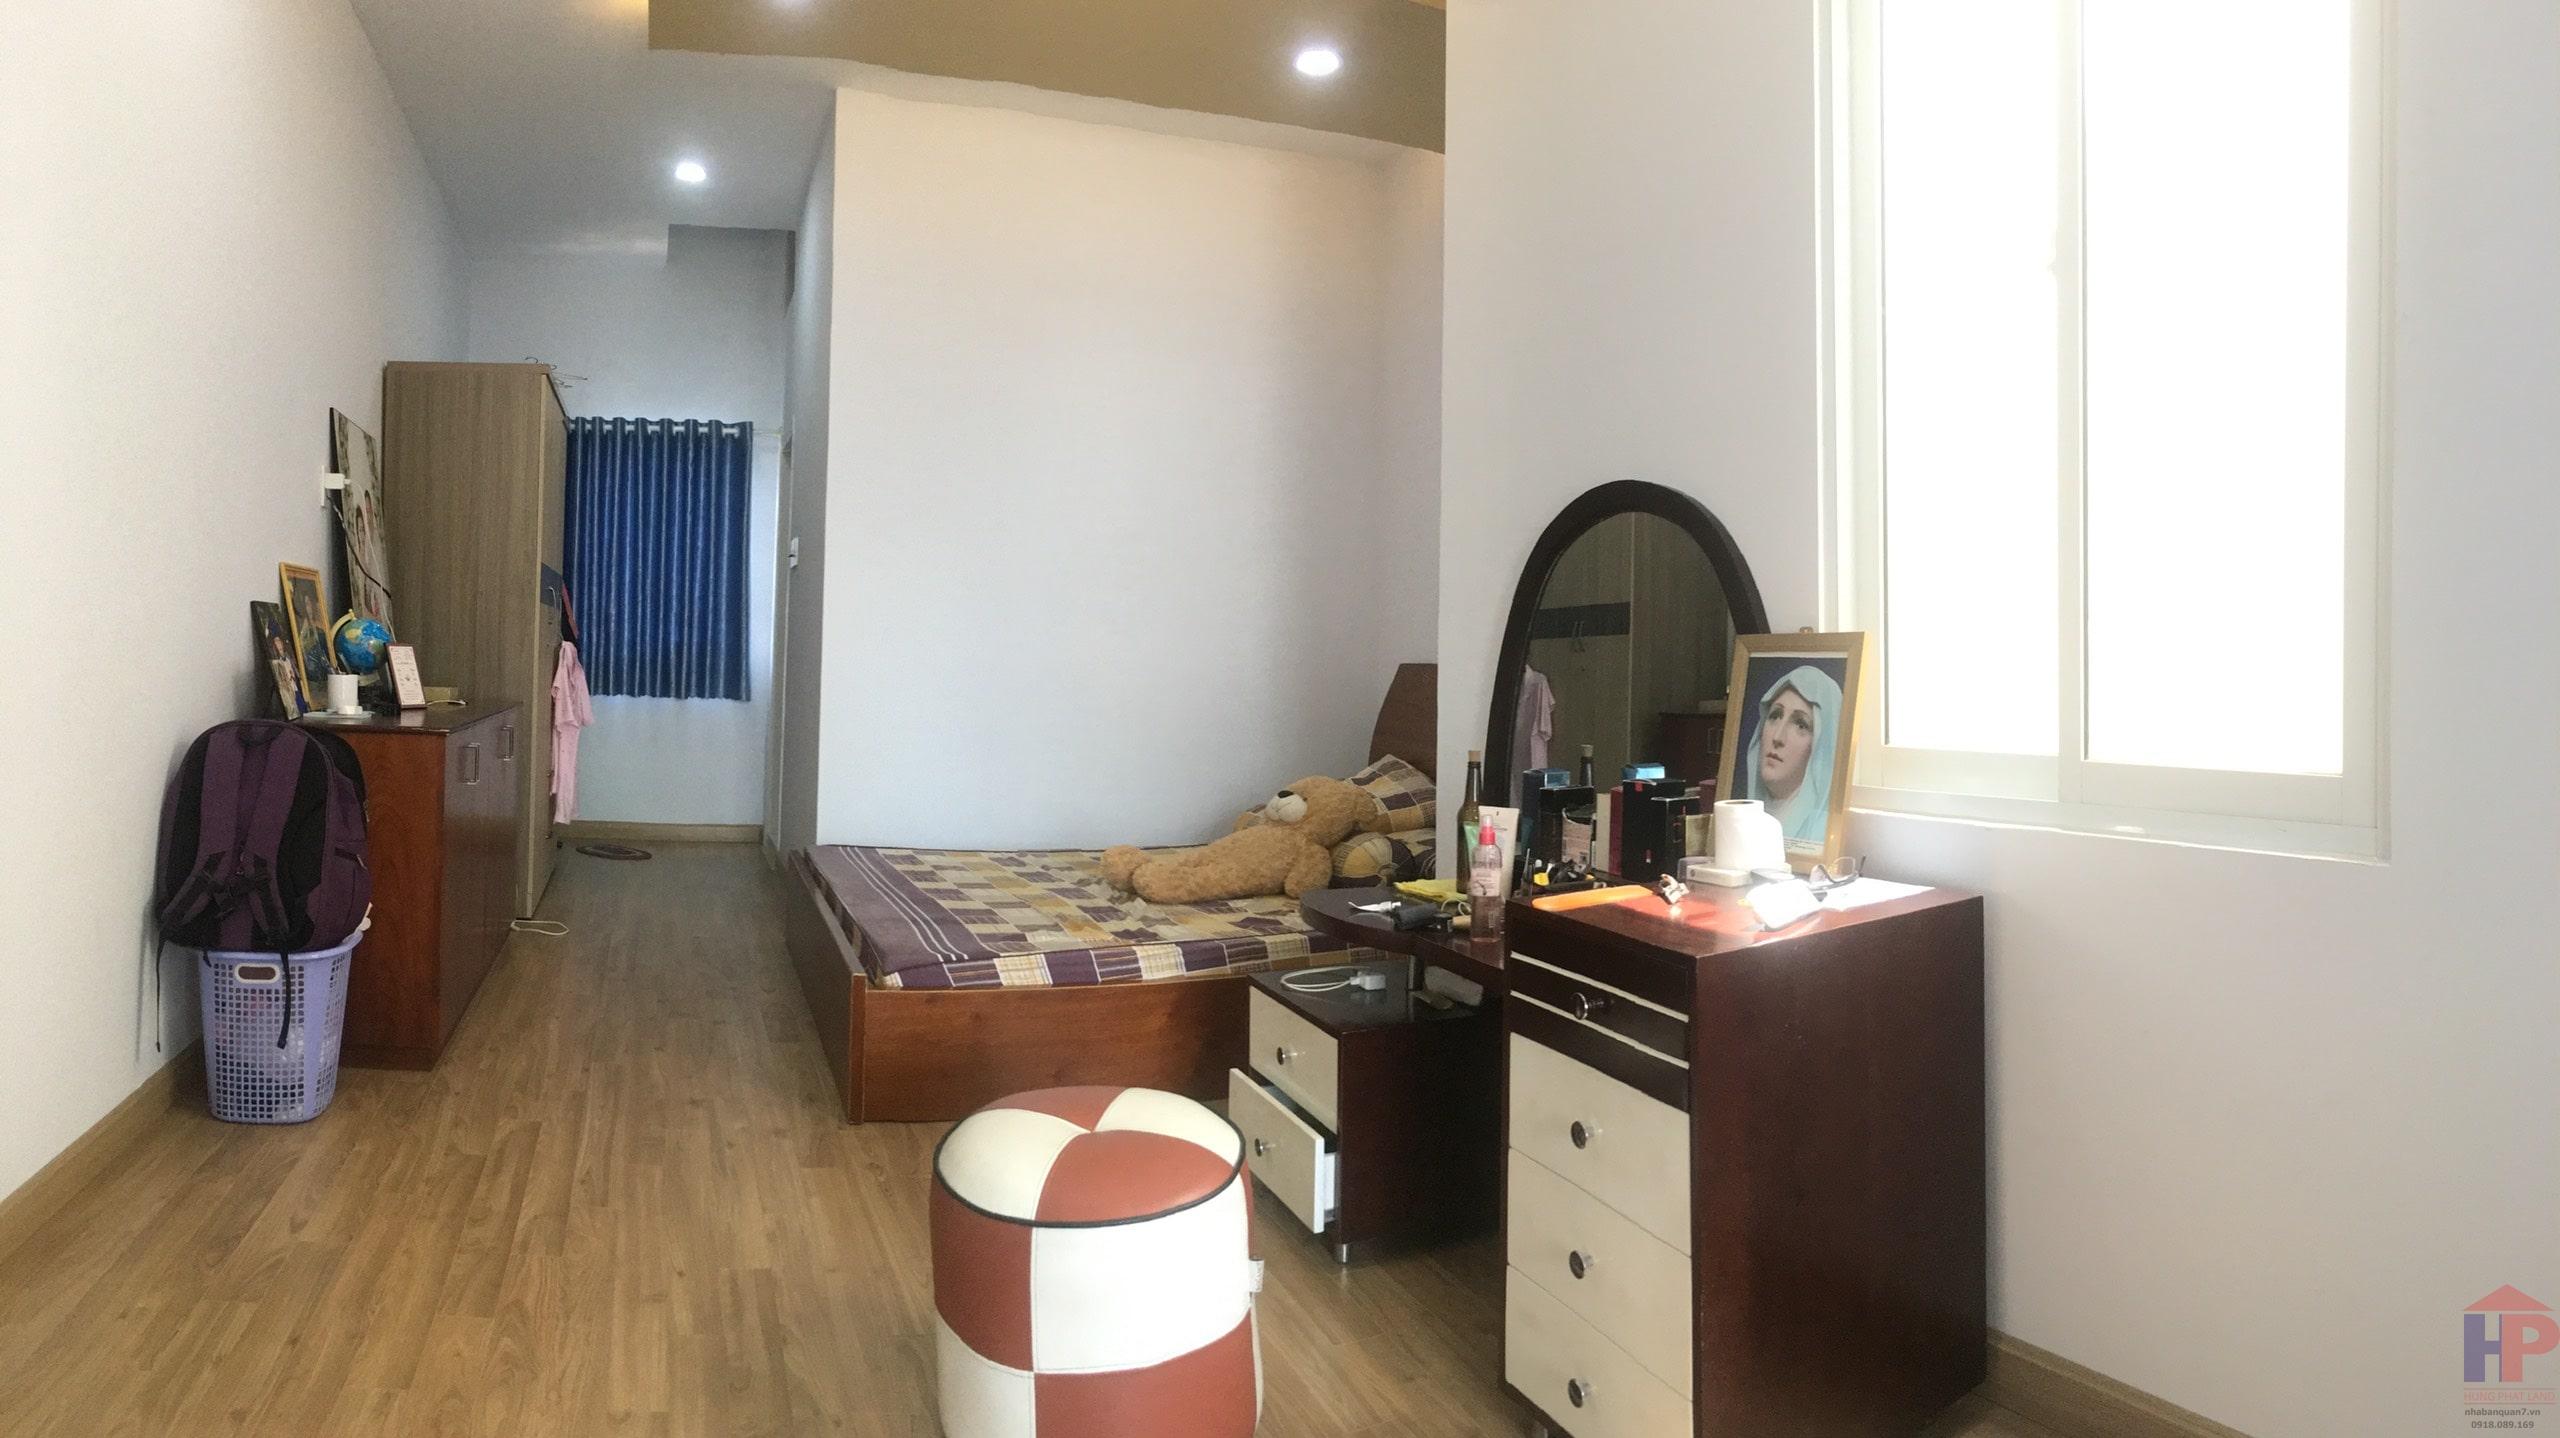 Bán nhà hẻm 502 Huỳnh Tấn Phát Quận 7, 5PN – 6WC, DT 4x14.7m, giá 6.2 tỷ